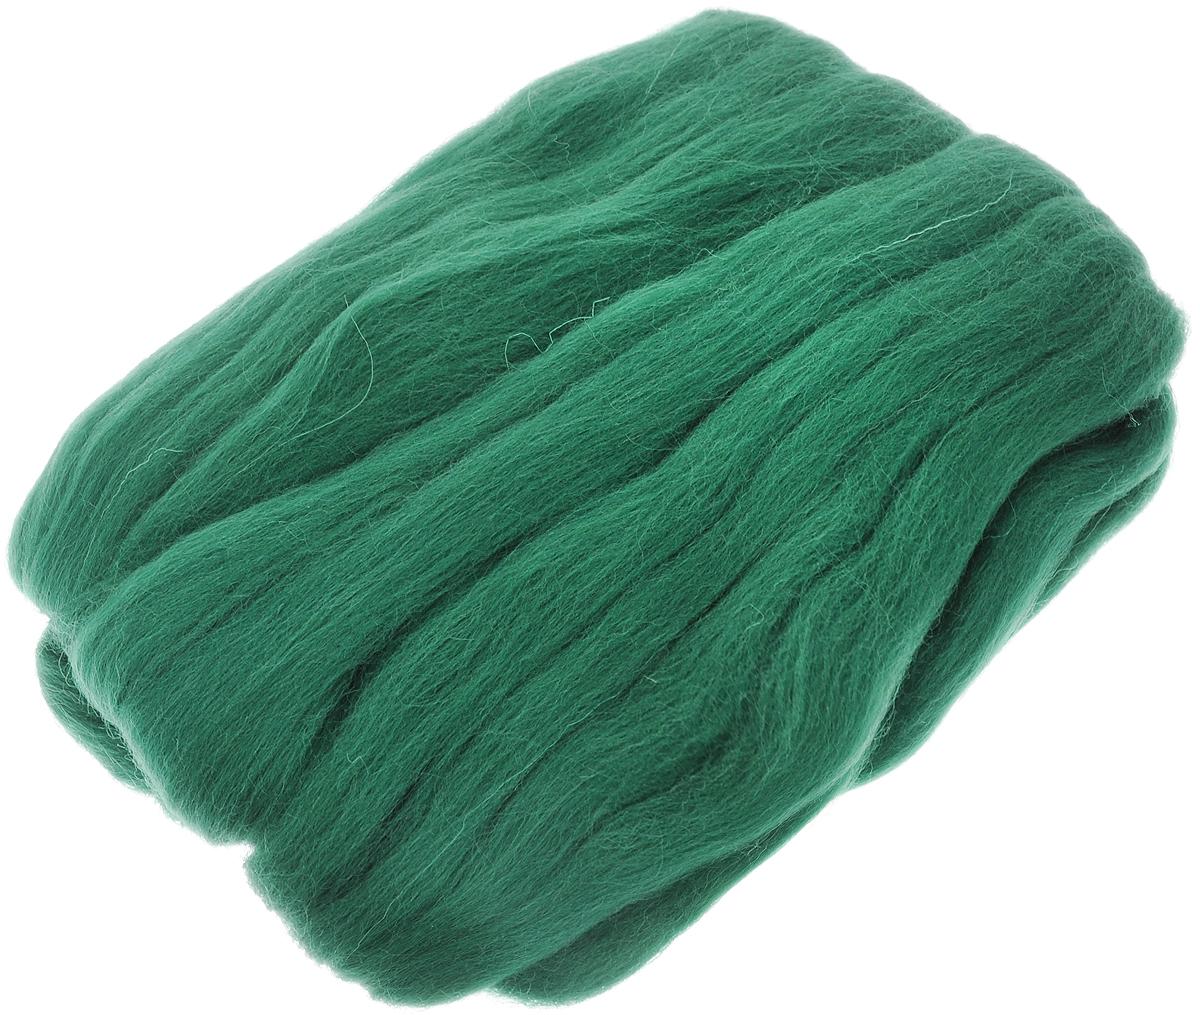 Шерсть для валяния RTO, цвет: темно-зеленый (17), 50 гWF50/17Шерсть для валяния RTO идеально подходит для сухого и мокрого валяния. Шерсть RTO не линяет при валянии и последующей стирке, легко расчесывается и разделяется на пряди. Готовые изделия из натуральной шерсти RTO хорошо поддаются покраске и тонированию. Валяние шерсти - это особая техника рукоделия, в процессе которой из шерсти для валяния создается рисунок на ткани или войлоке, объемные игрушки, панно, декоративные элементы, предметы одежды или аксессуары. Только натуральная шерсть обладает способностью сваливаться или свойлачиваться.